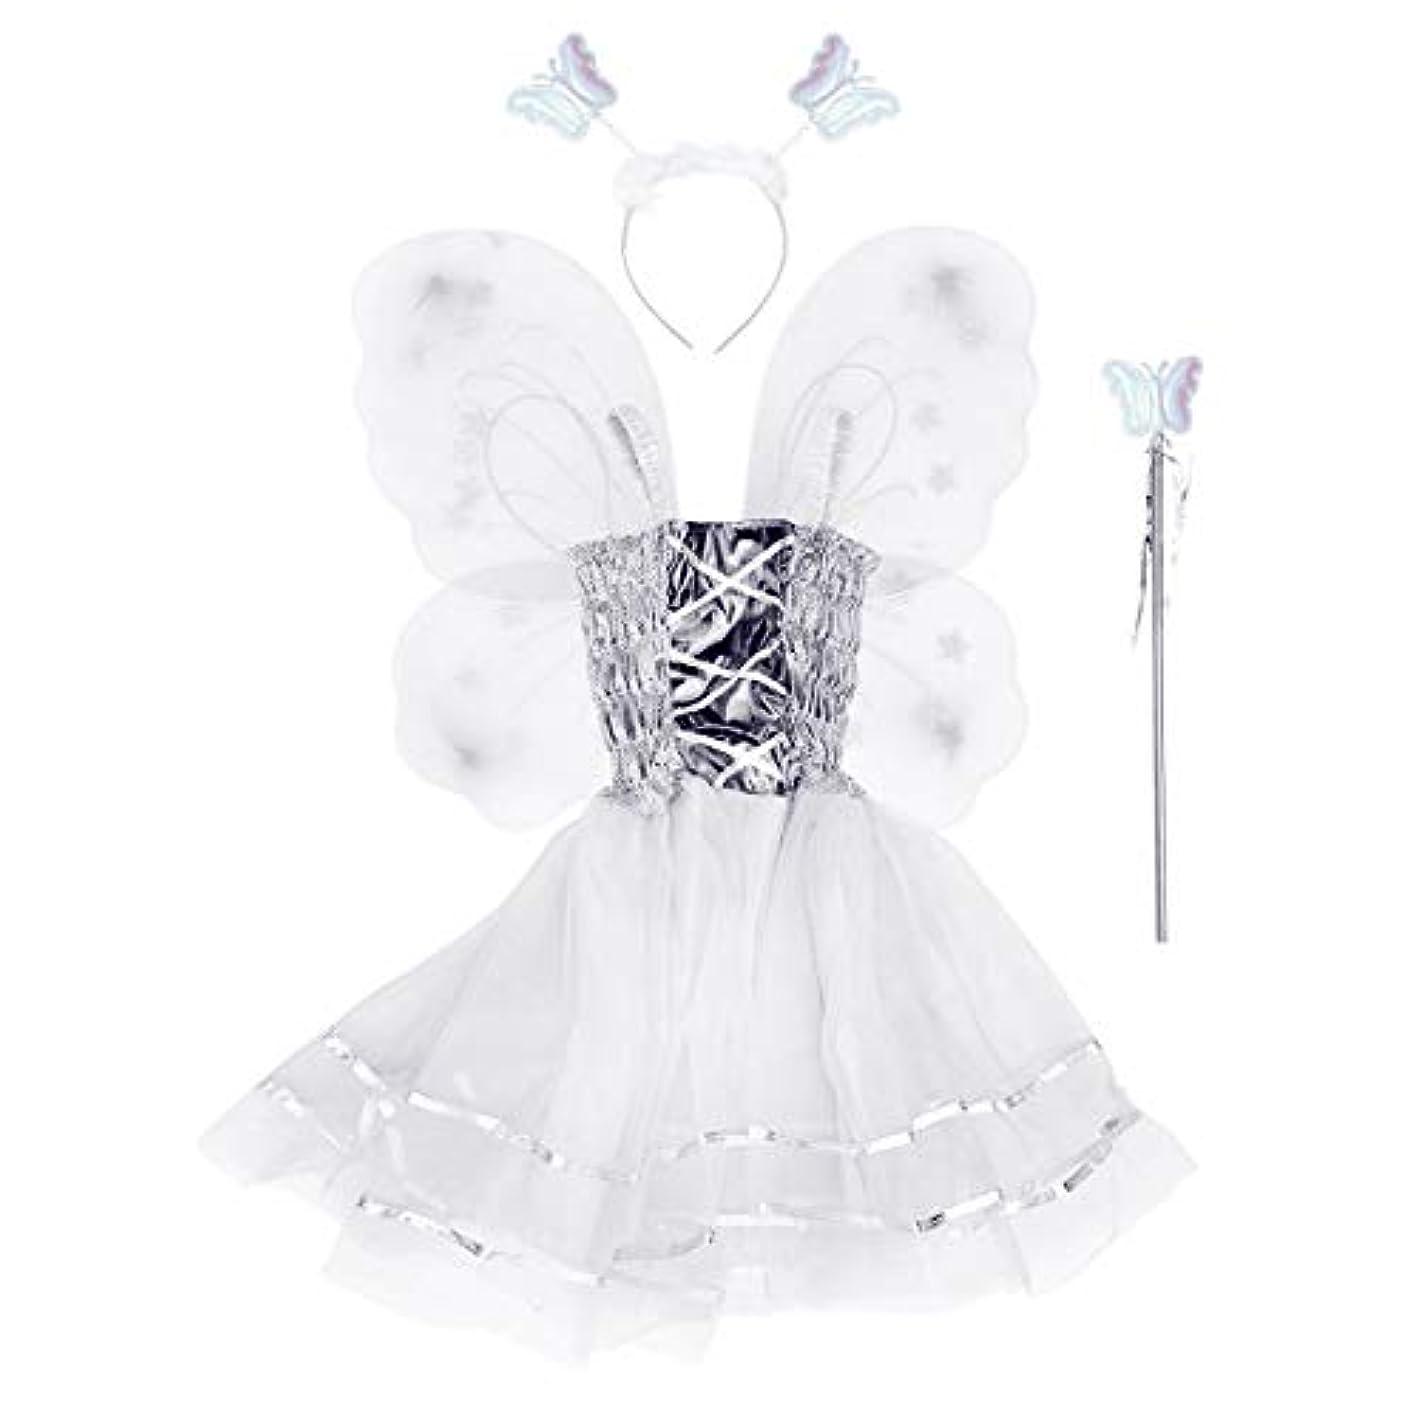 幻想的ブロッサム無効BESTOYARD 4本の女の子バタフライプリンセス妖精のコスチュームセット蝶の羽、ワンド、ヘッドバンドとツツードレス(ホワイト)